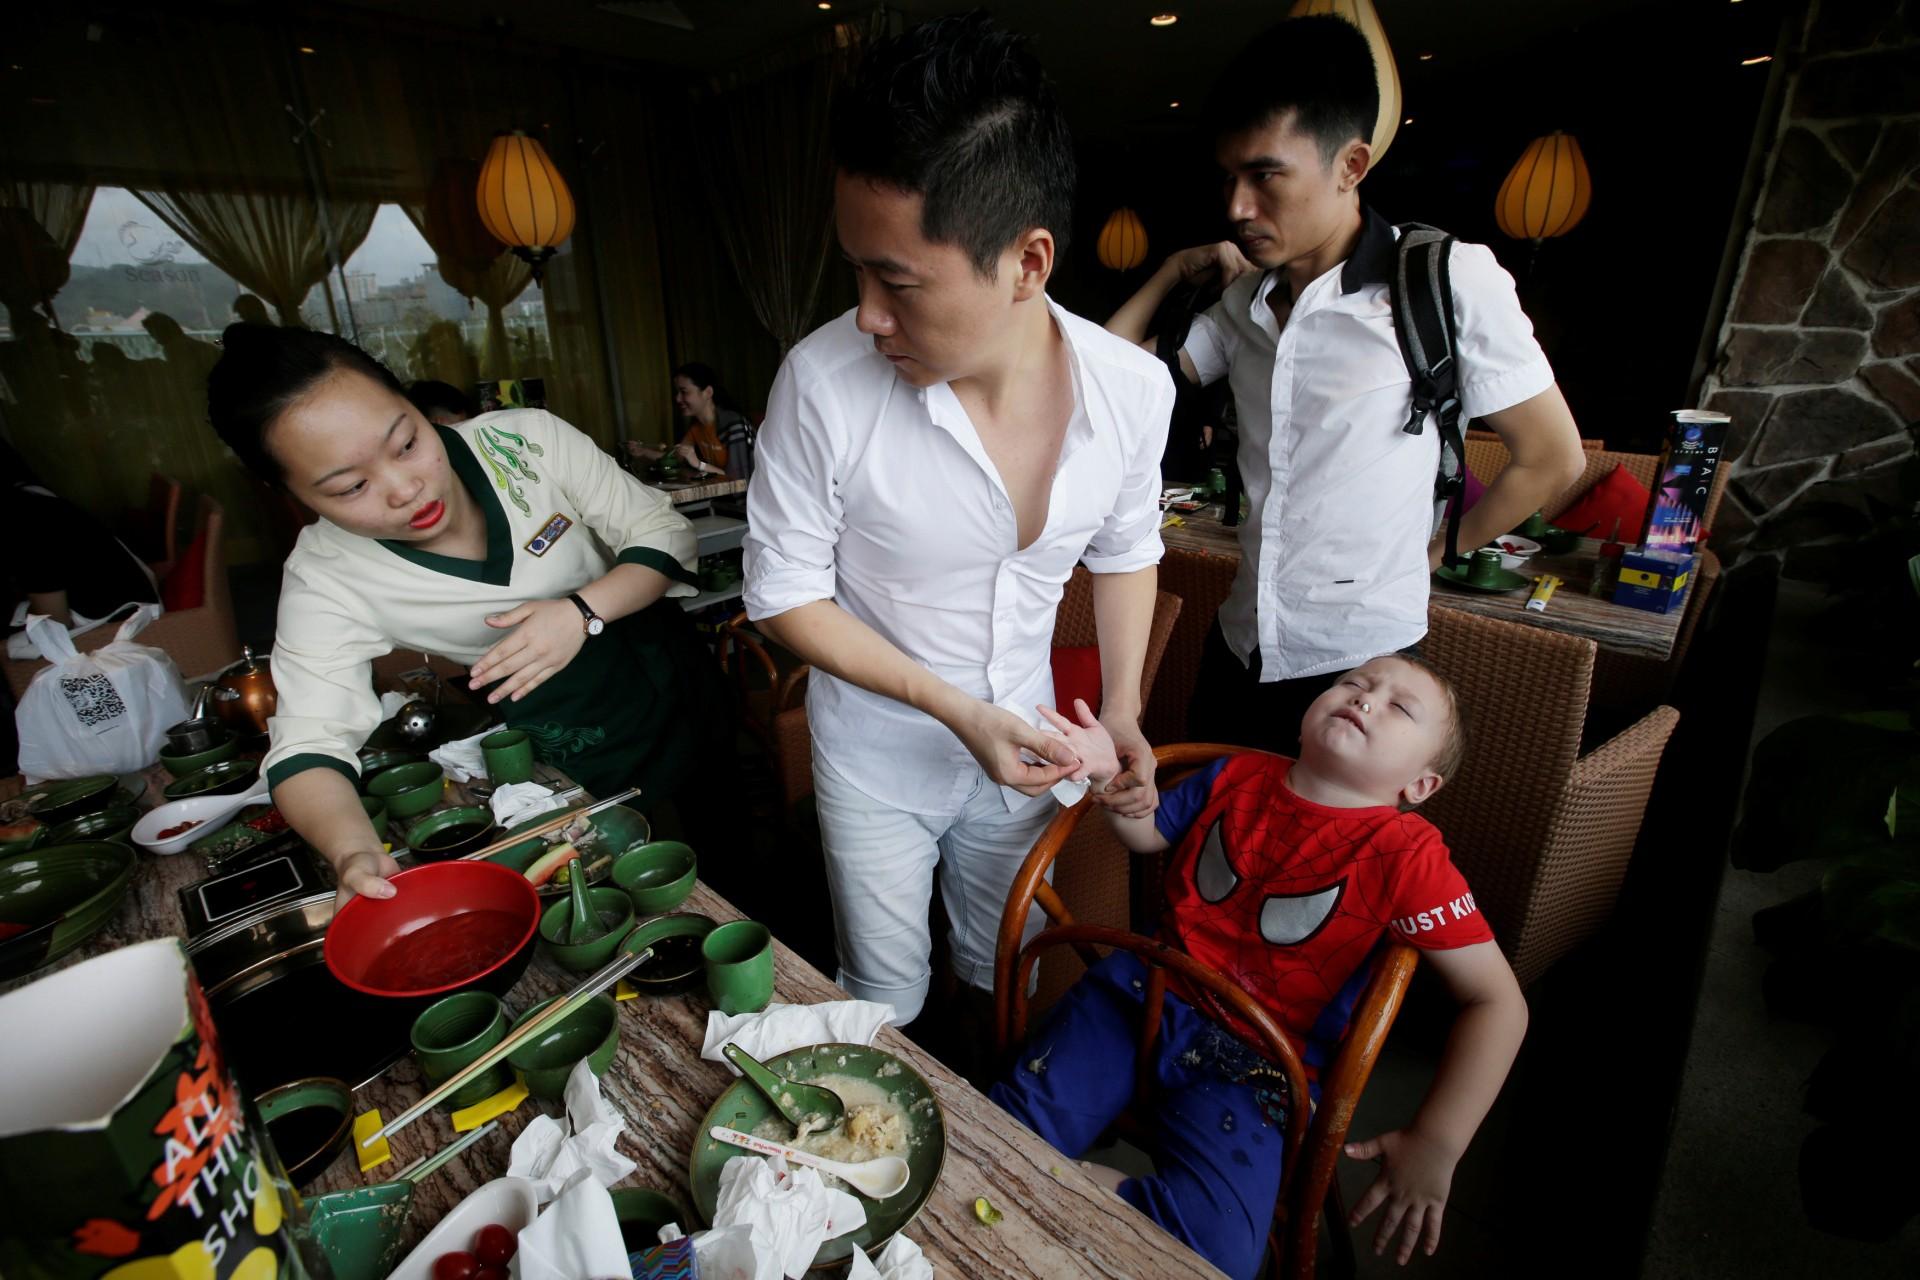 Un camarero ayuda a An Hui y su compañero Ye Jianbin con uno de sus hijos. An Zhiya sufre una hemorragia nasal después de un almuerzo en un restaurante en Shenzhen, provincia de Guangdong, China, el 17 de septiembre de 2018.